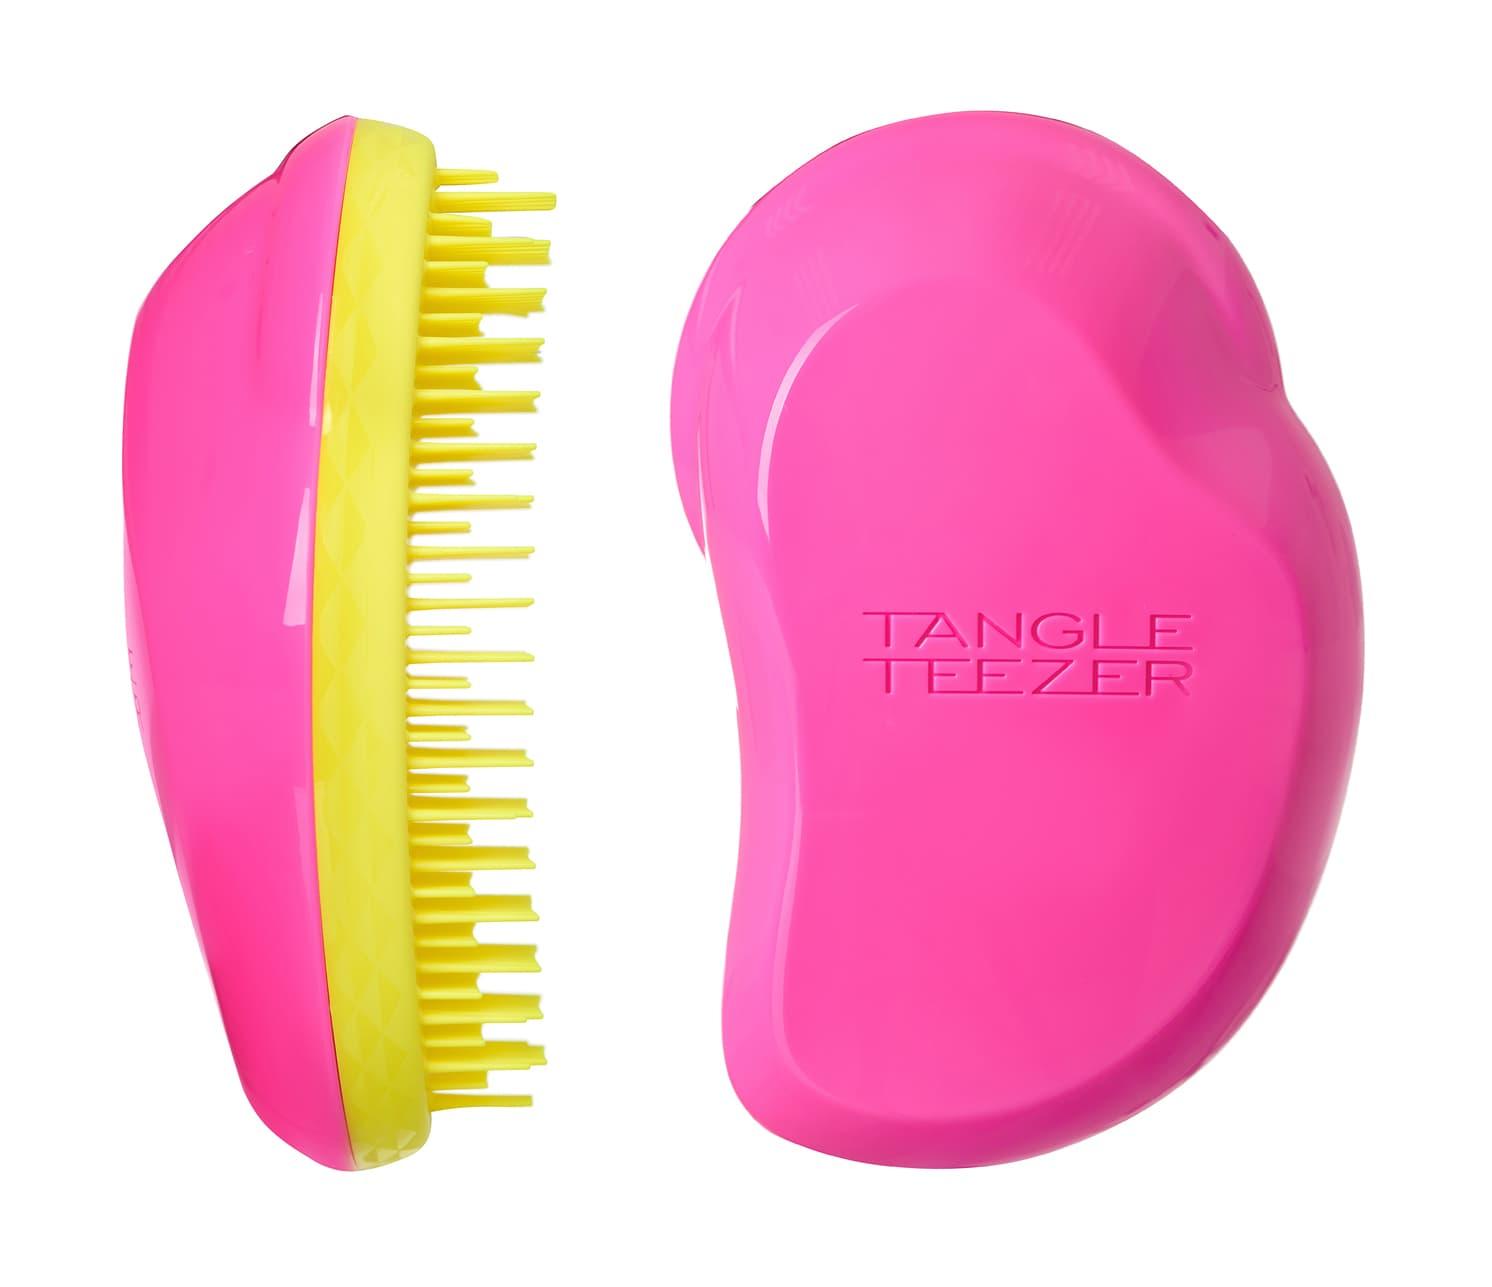 The Original Pink Rebel РасческаДля волос<br>Tangle Teezer The Original   оригинальная профессиональная расческа для расчесывания волос  которая позволит Вам с легкостью всего за одну минуту без рывков и напряжения расчесать мокрые  уязвимые или окрашенные волосы не нарушая структуру волос и не причиняя себе дискомфорта  Фантастическое  безболезненное распутывание достигается за счет особой конструкции зубчиков  Расчесывая волосы оригинальной расческой Вы получаете блаженный  расслабляющий массаж головы  Расческа идеальна при нанесении кондиционера на ваши волосы  обеспечивает легкое и равномерное распределение средства на волосы  фиксирует Ваши пряди при дальнейшей сушке феном  При расчесывании Tangle Teezer Ваши волосы получат дополнительный объем за счет максимального подъема волос у корней  Незаменима для ведущих активный образ жизни    Размер  12 times 7 times 4 5см<br>